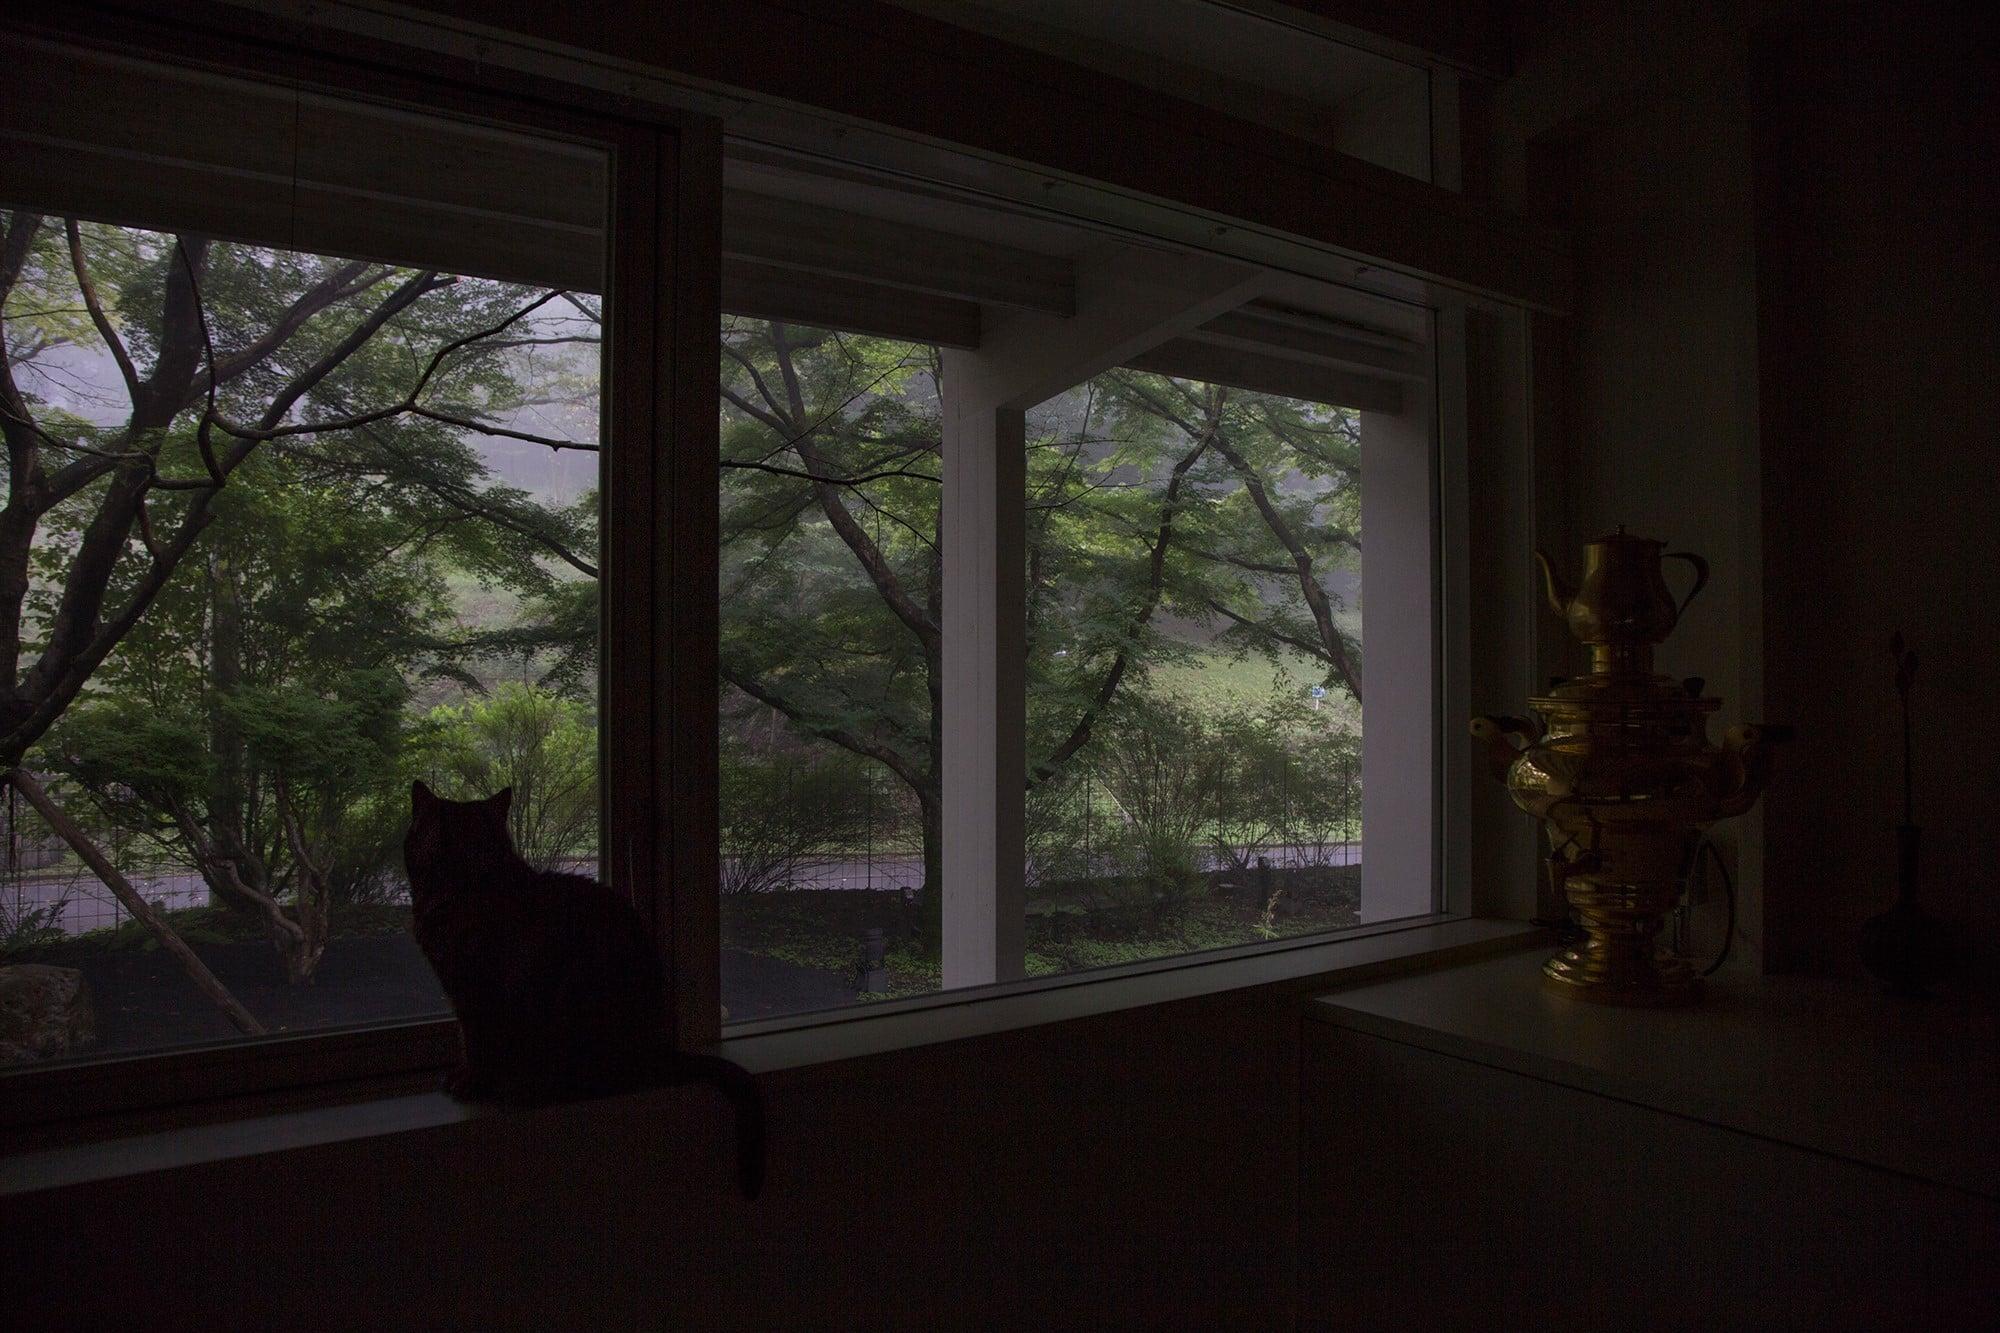 大きく張り巡らされた枝木が、部屋に差し込む光に影を落とす。ゲストルームの窓から庭を眺めるのは、愛猫の天子(てんこ)さん。